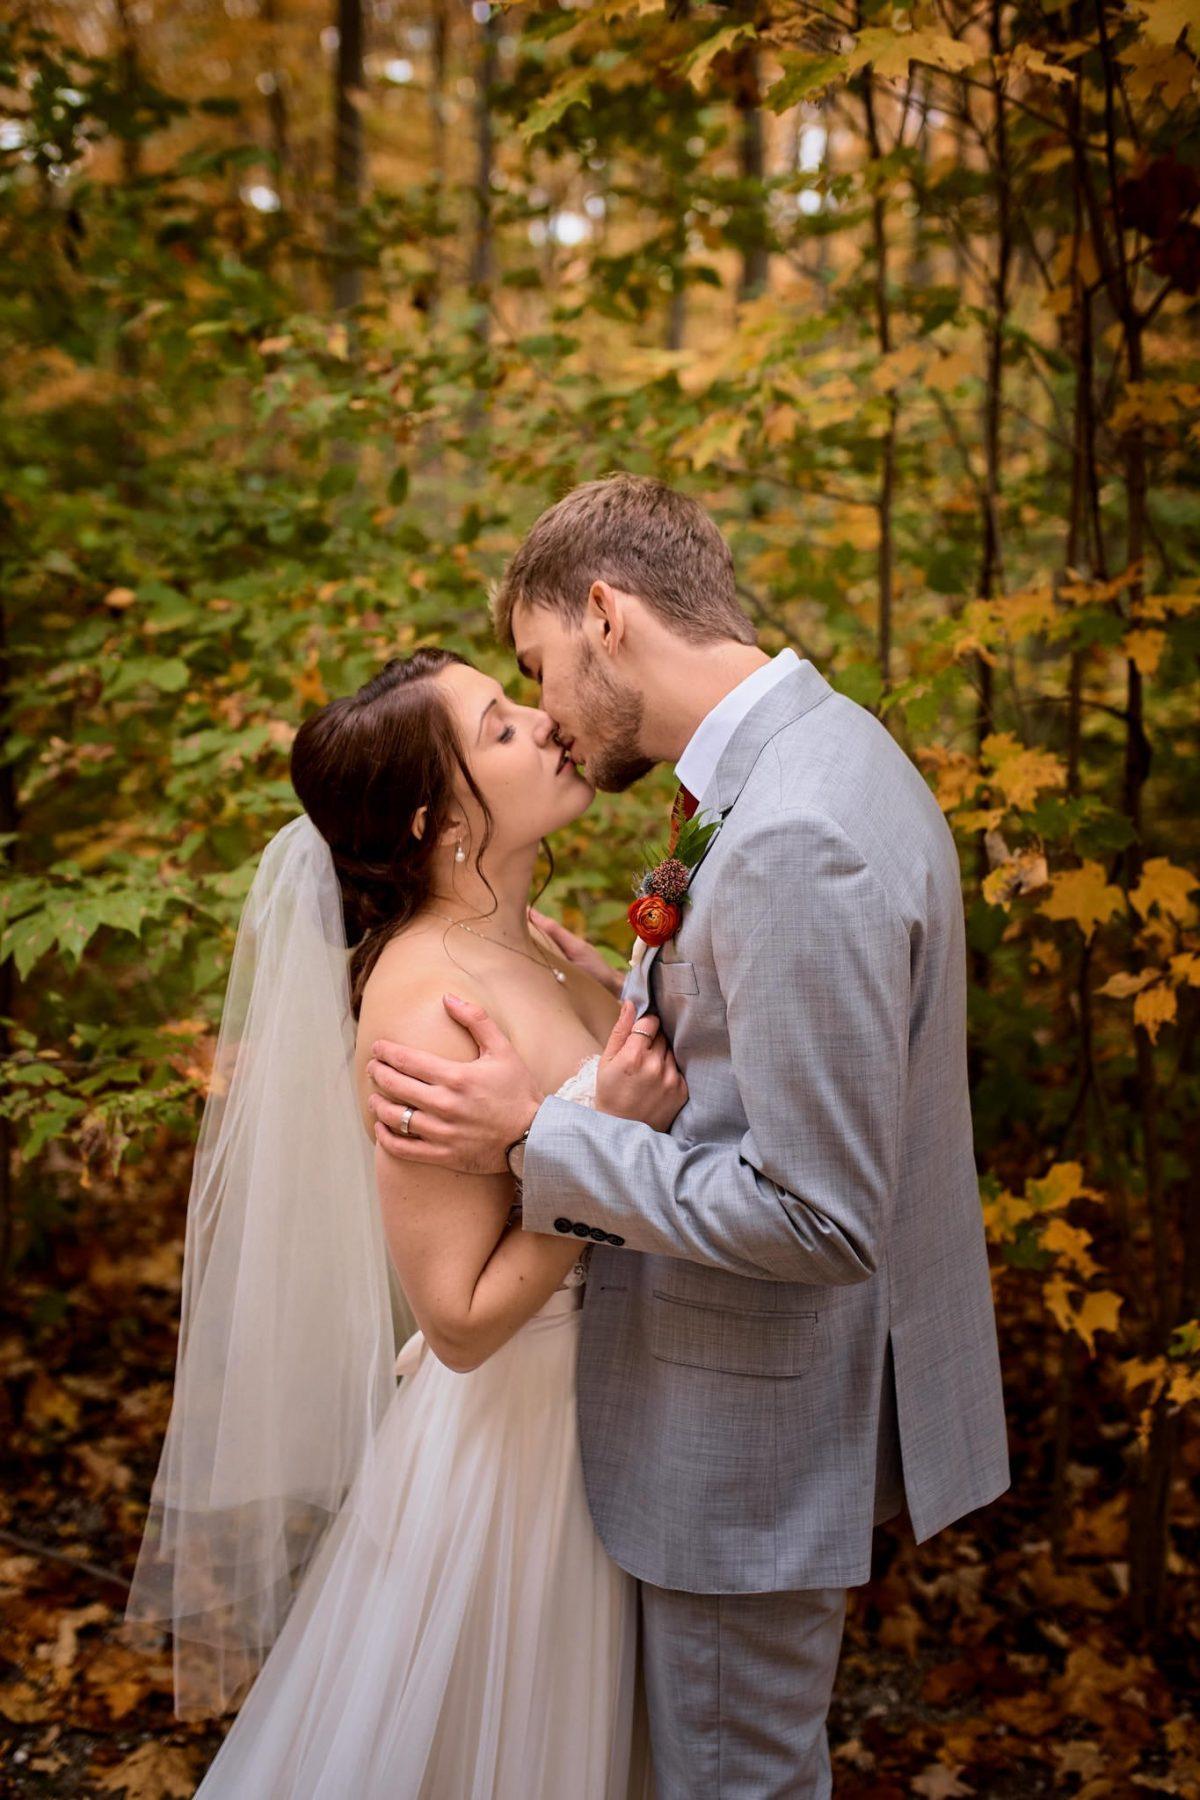 Wedding photography intimate